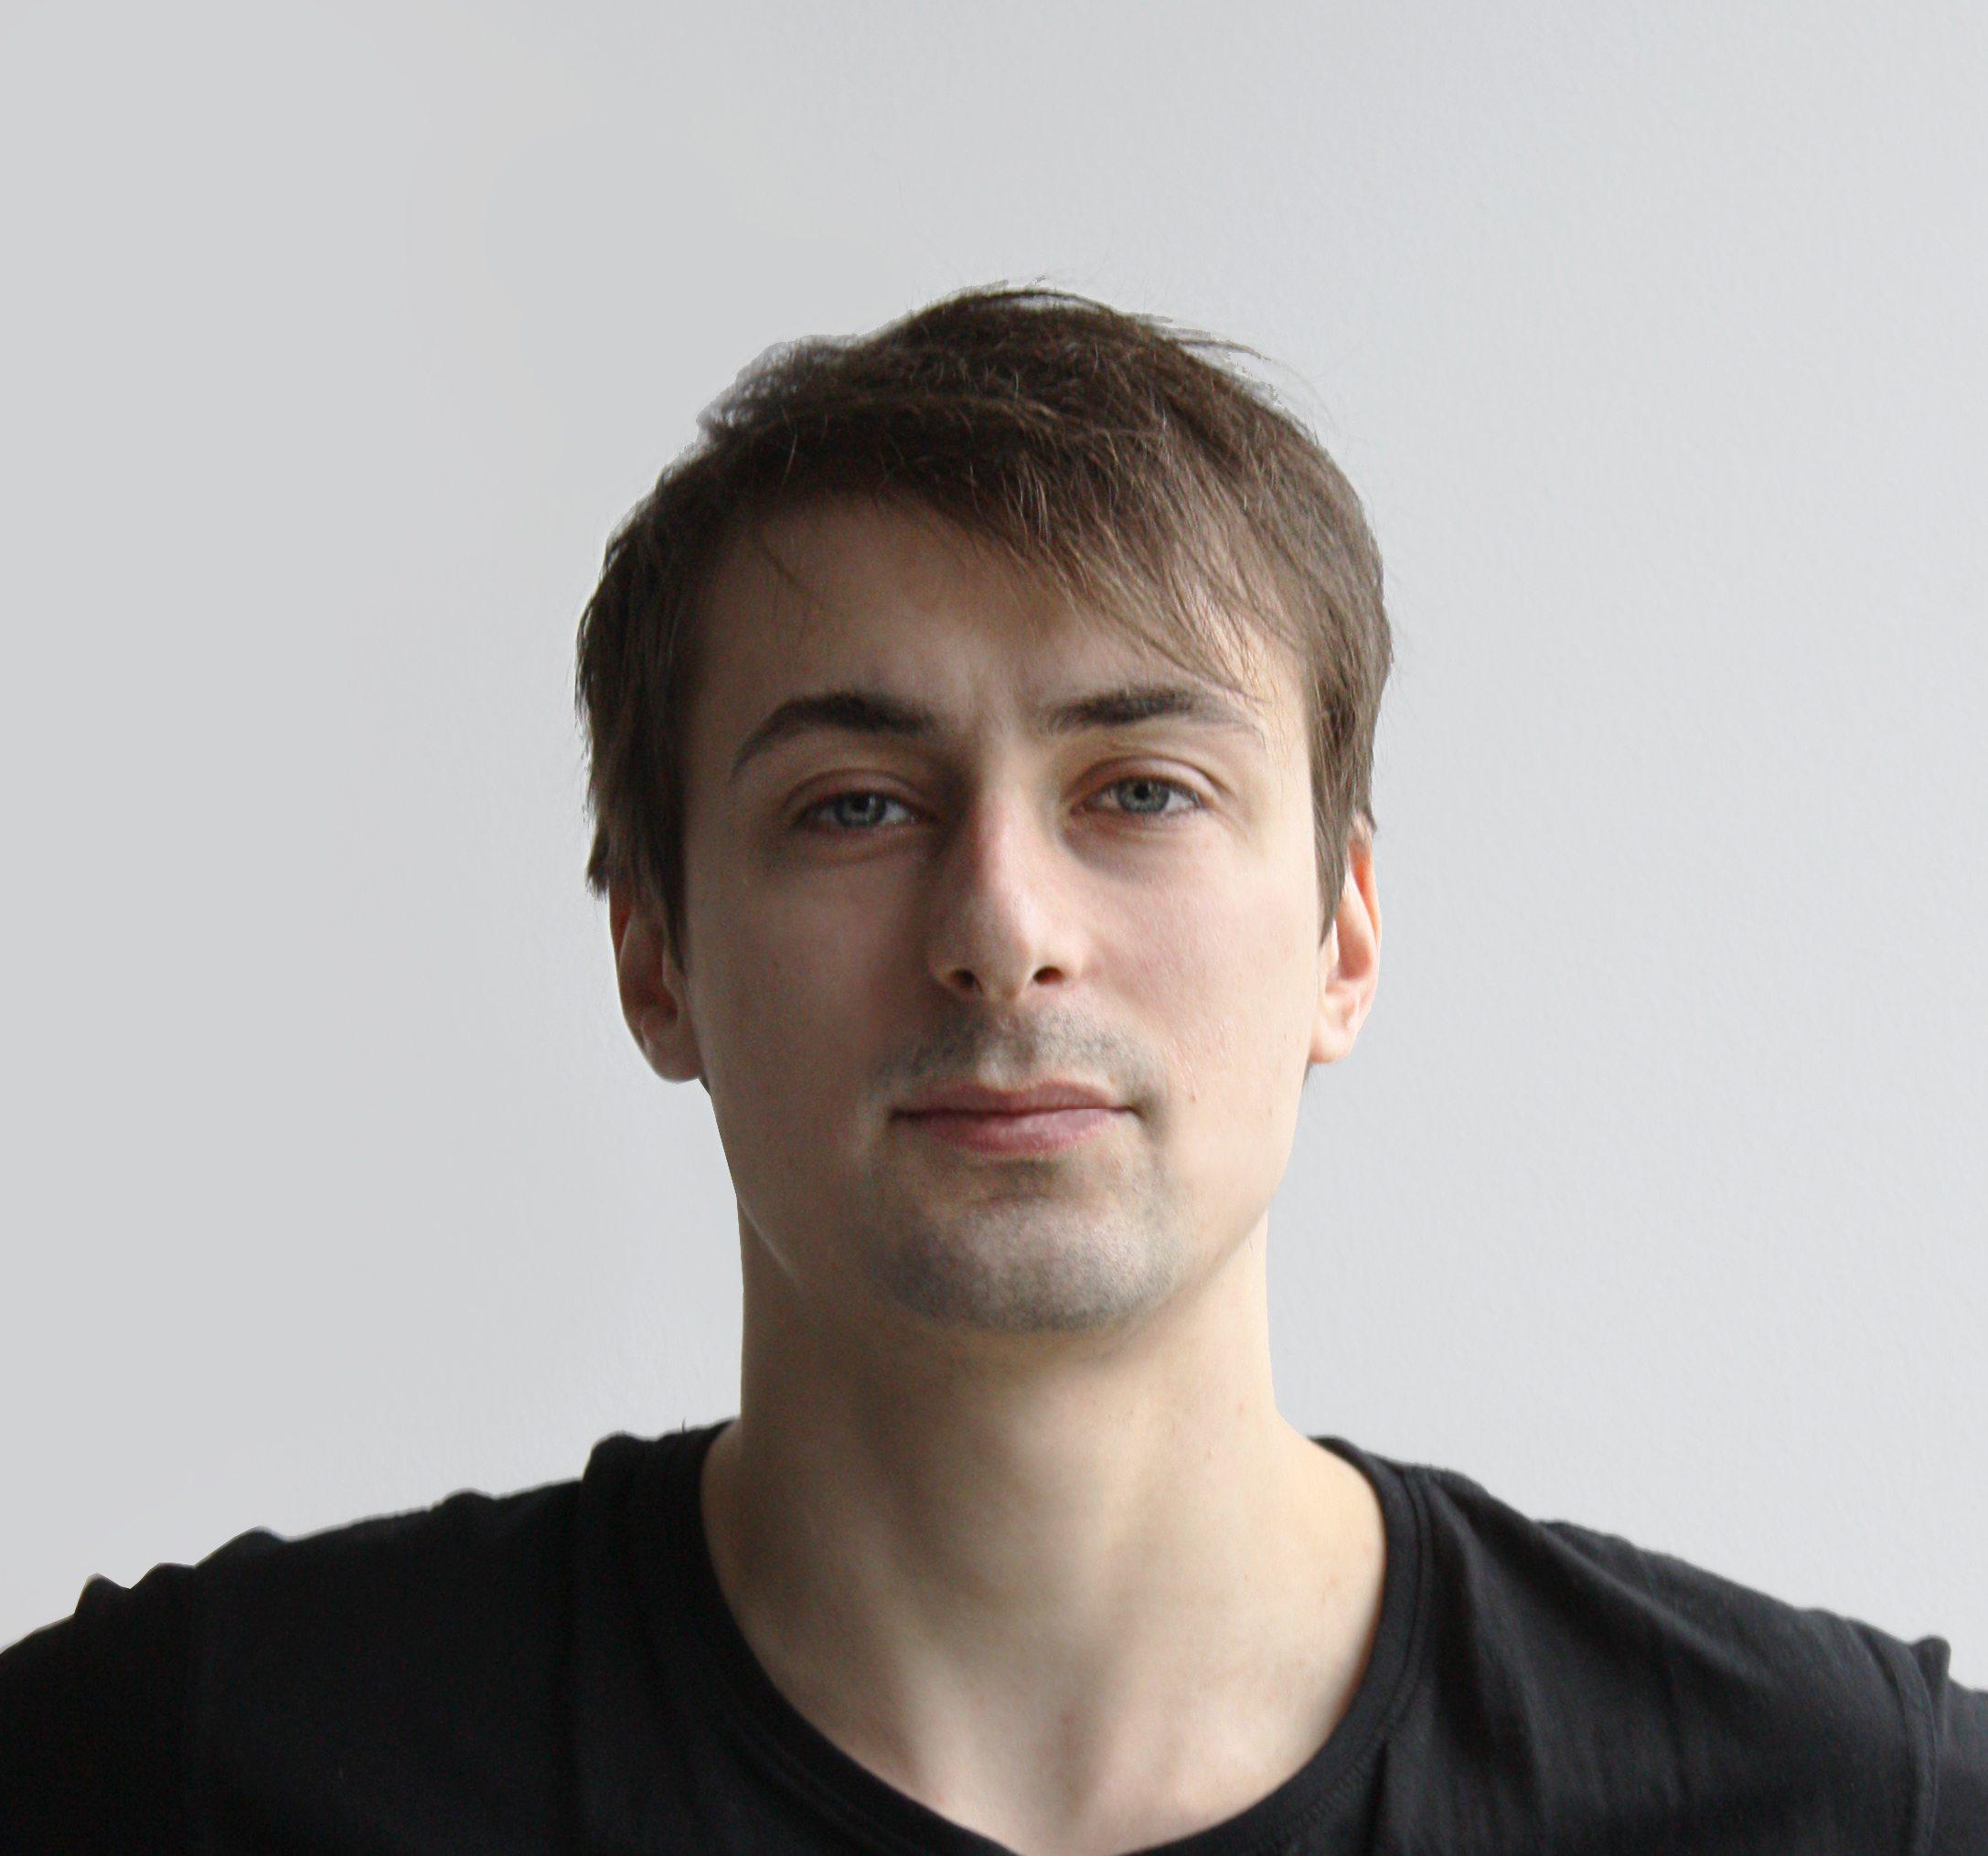 Paweł Grajkowski